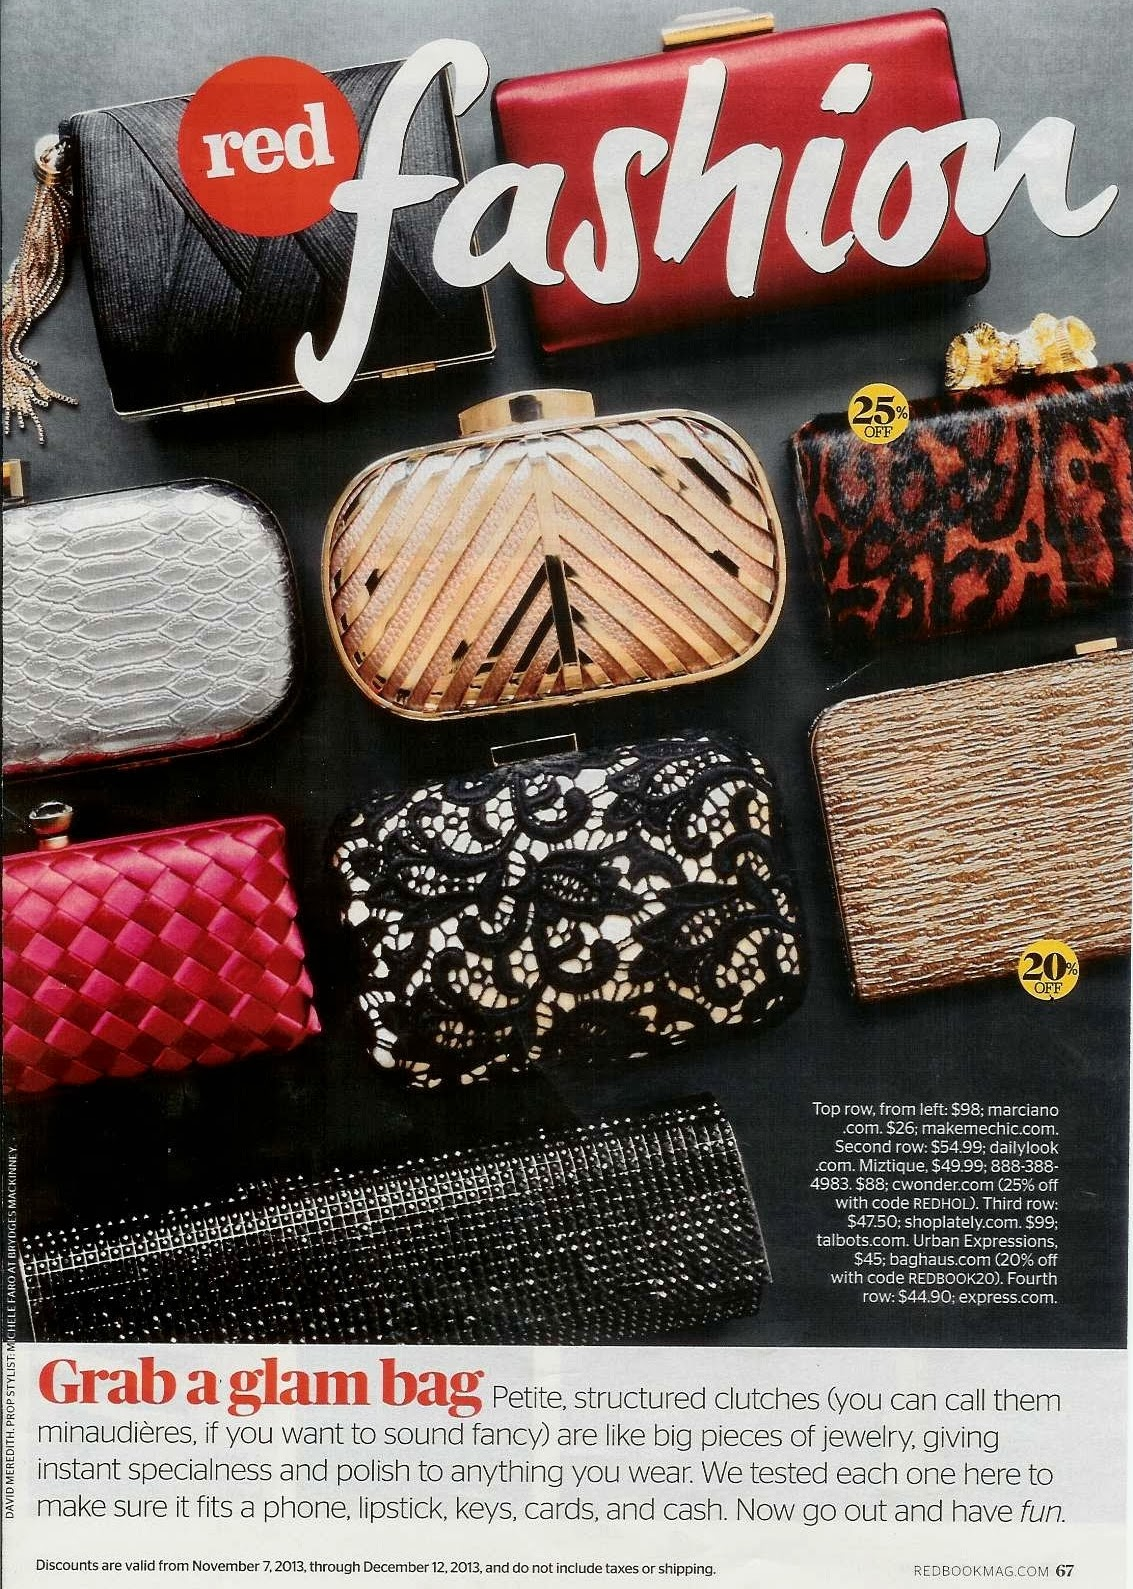 Express clutch in Redbook, magazine, purse, sequin clutch